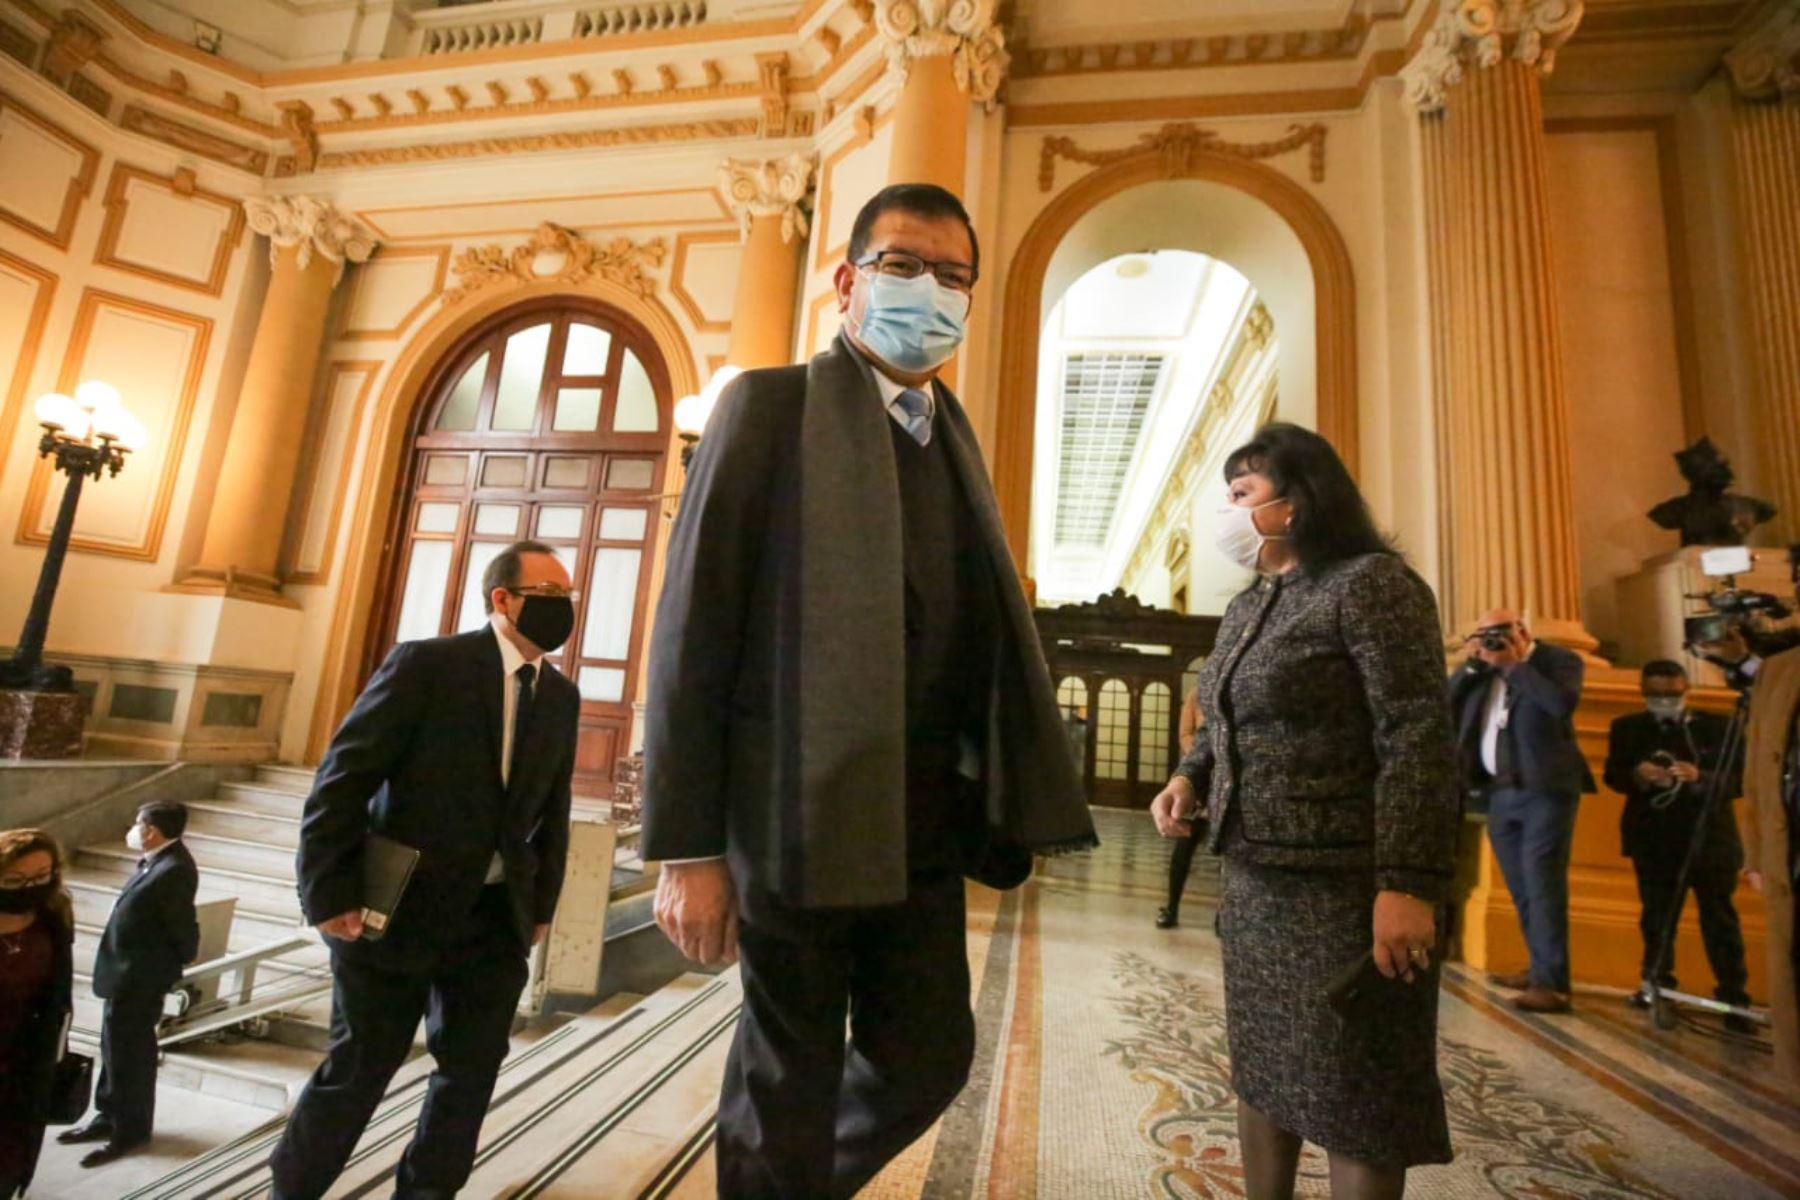 Ministro de Agricultura y Riego, Jorge Montenegro, llega a sede del Congreso junto al gabinete ministerial para solicitar el voto de confianza. Foto: ANDINA/PCM